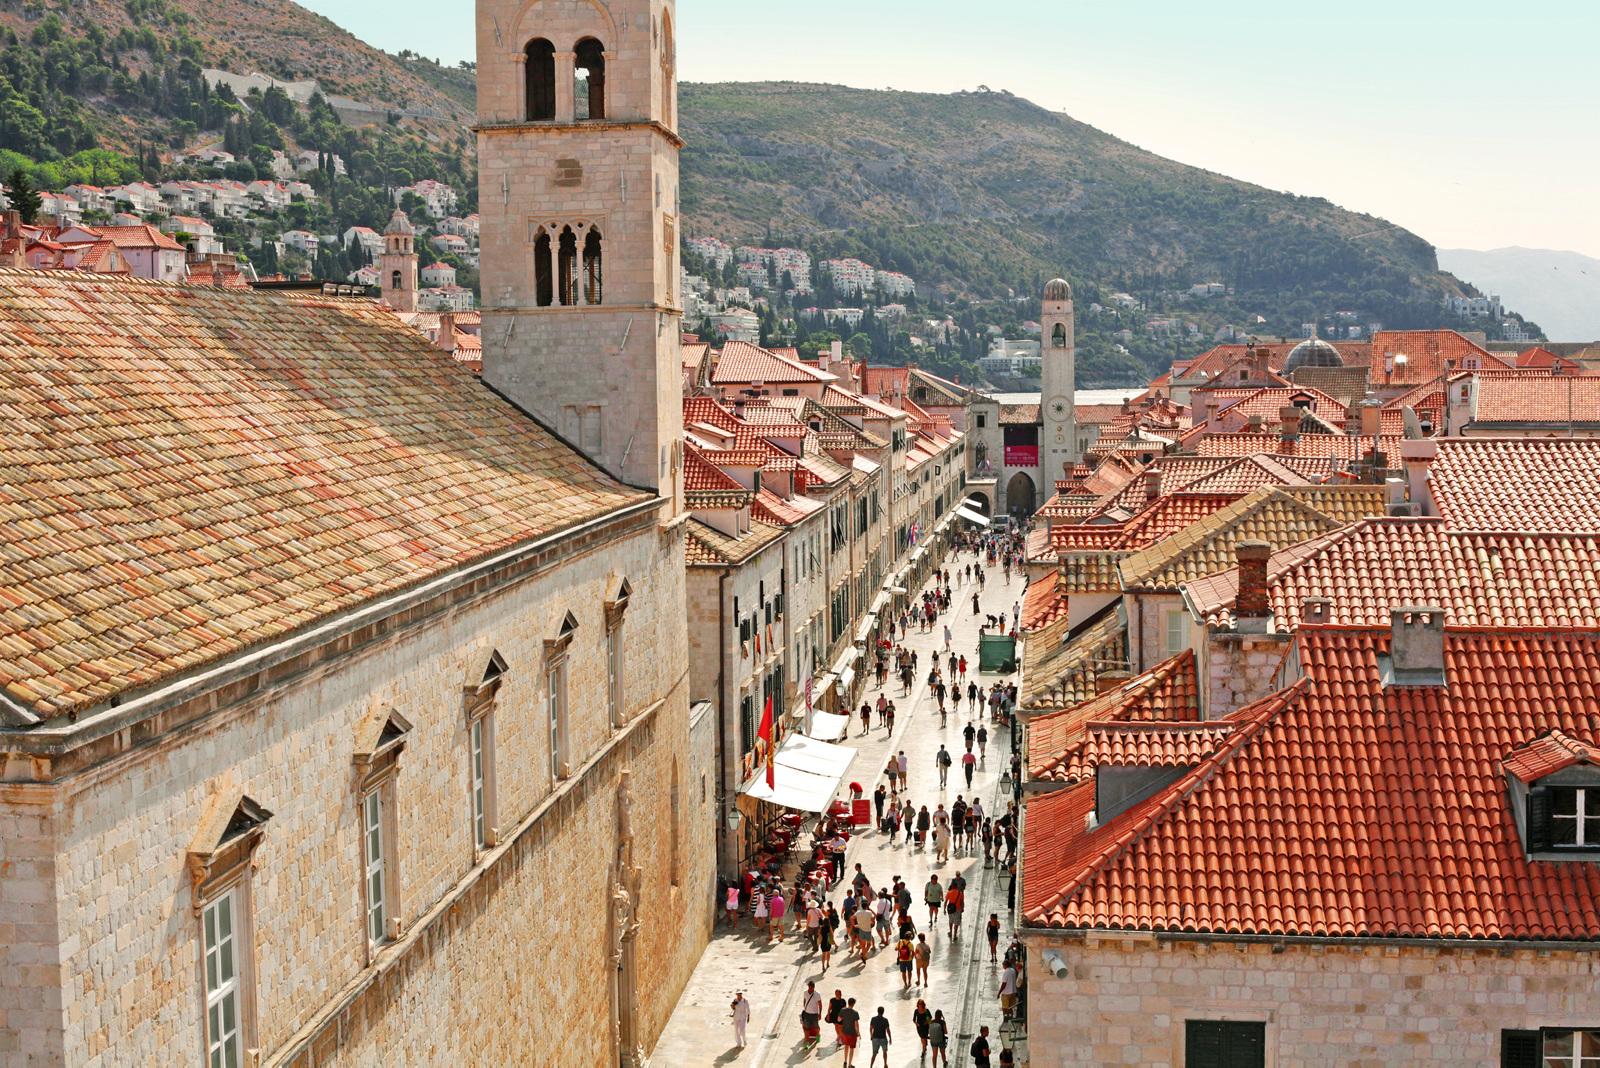 Ser det kjent ut? En rekke scener i Game of Thrones er spilt inn i Dubrovnik.